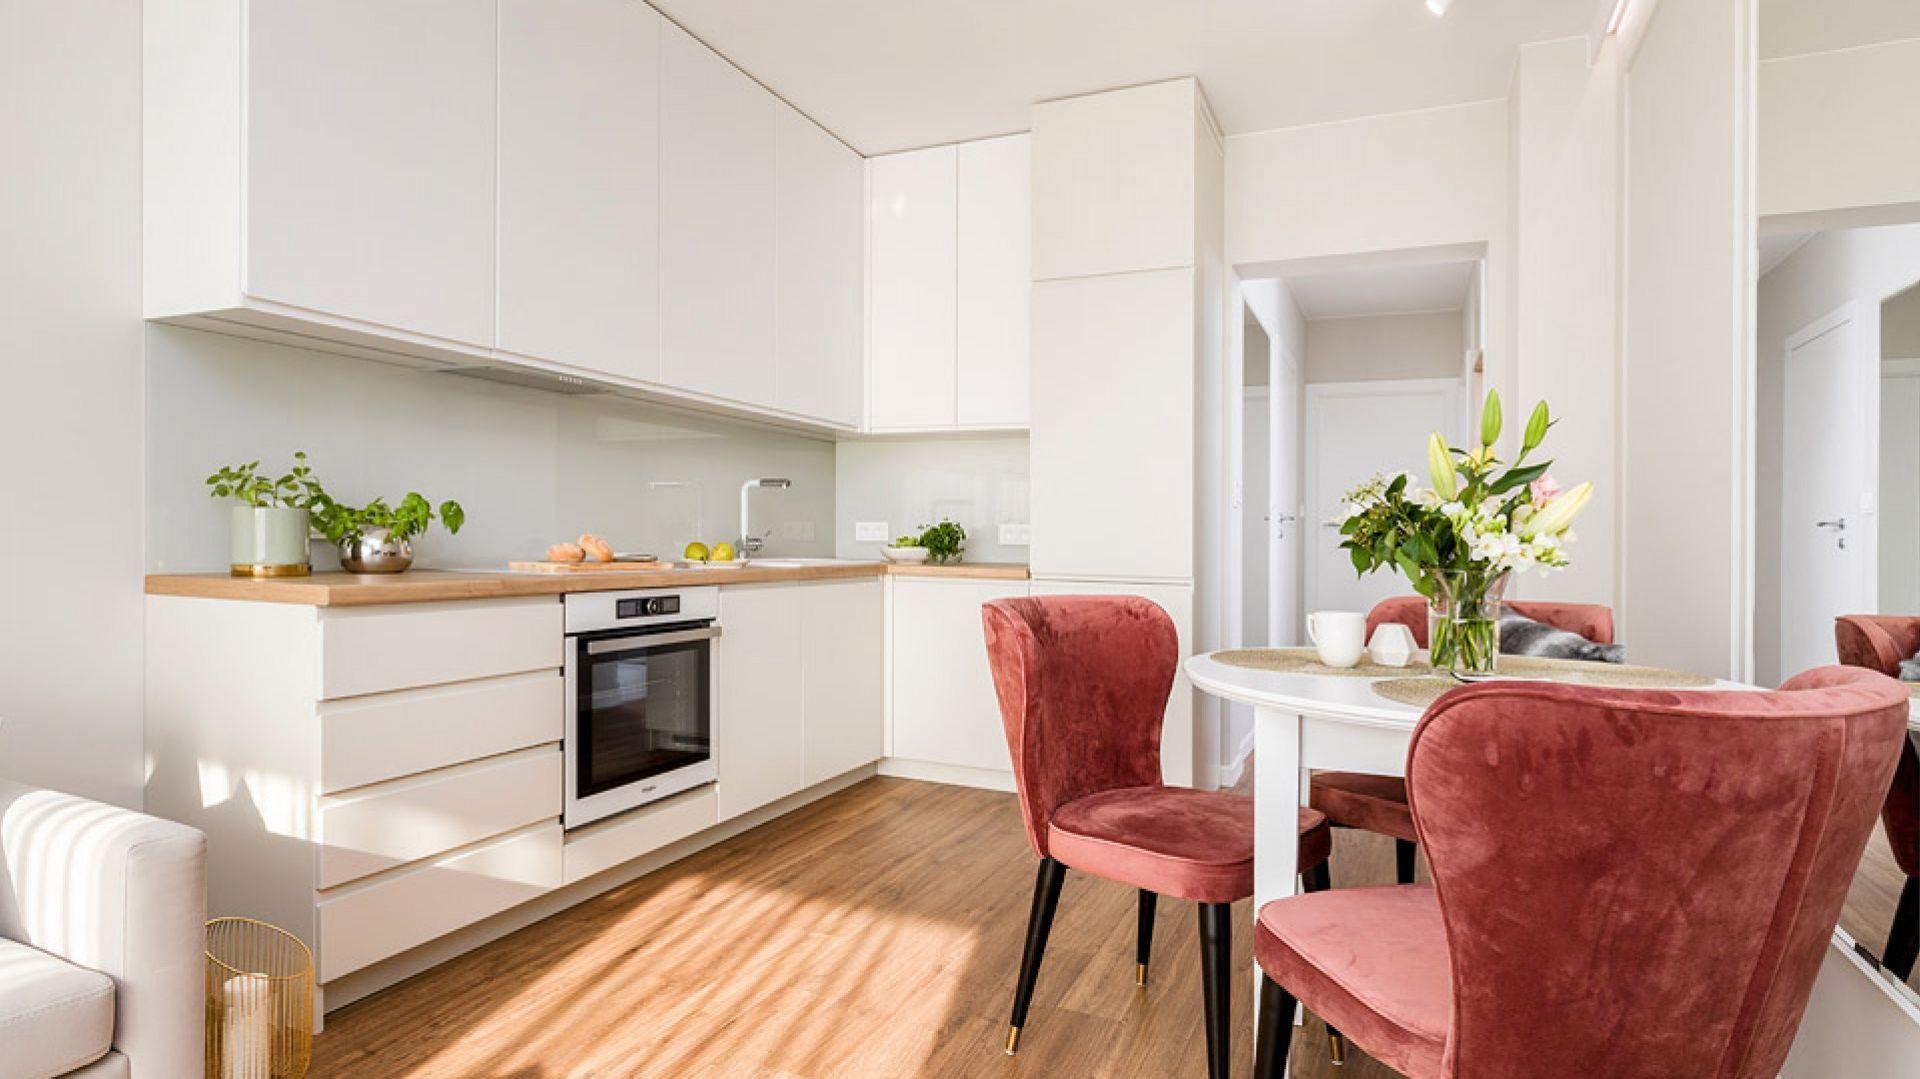 Salon połączony z kuchnią i jadalnią. Projekt: Joanna Nawrocka. Fot. Łukasz Bera